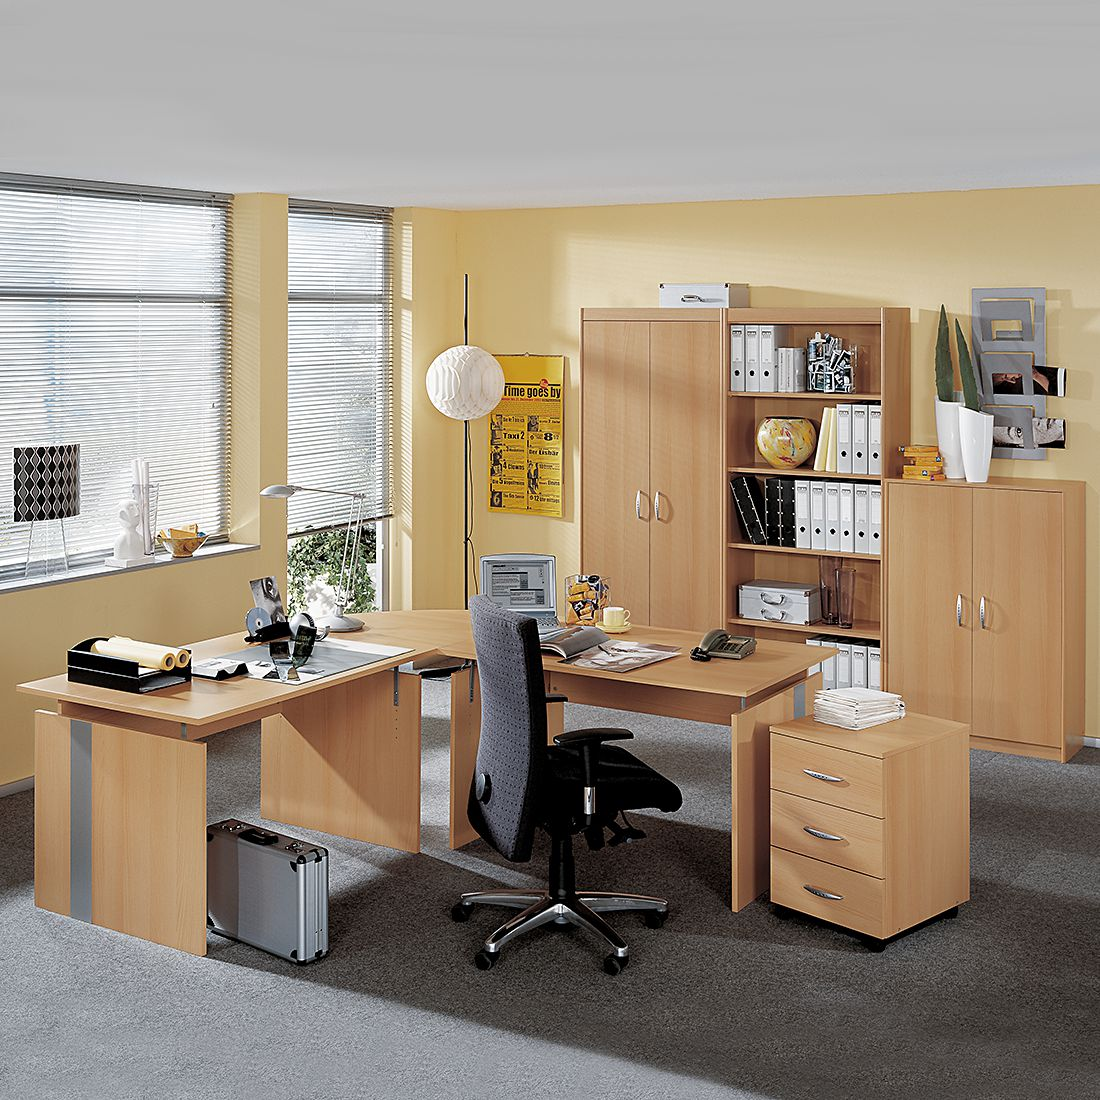 Mobilier de bureau Tomas - Imitation hêtre - Imitation hêtre, Wellemöbel